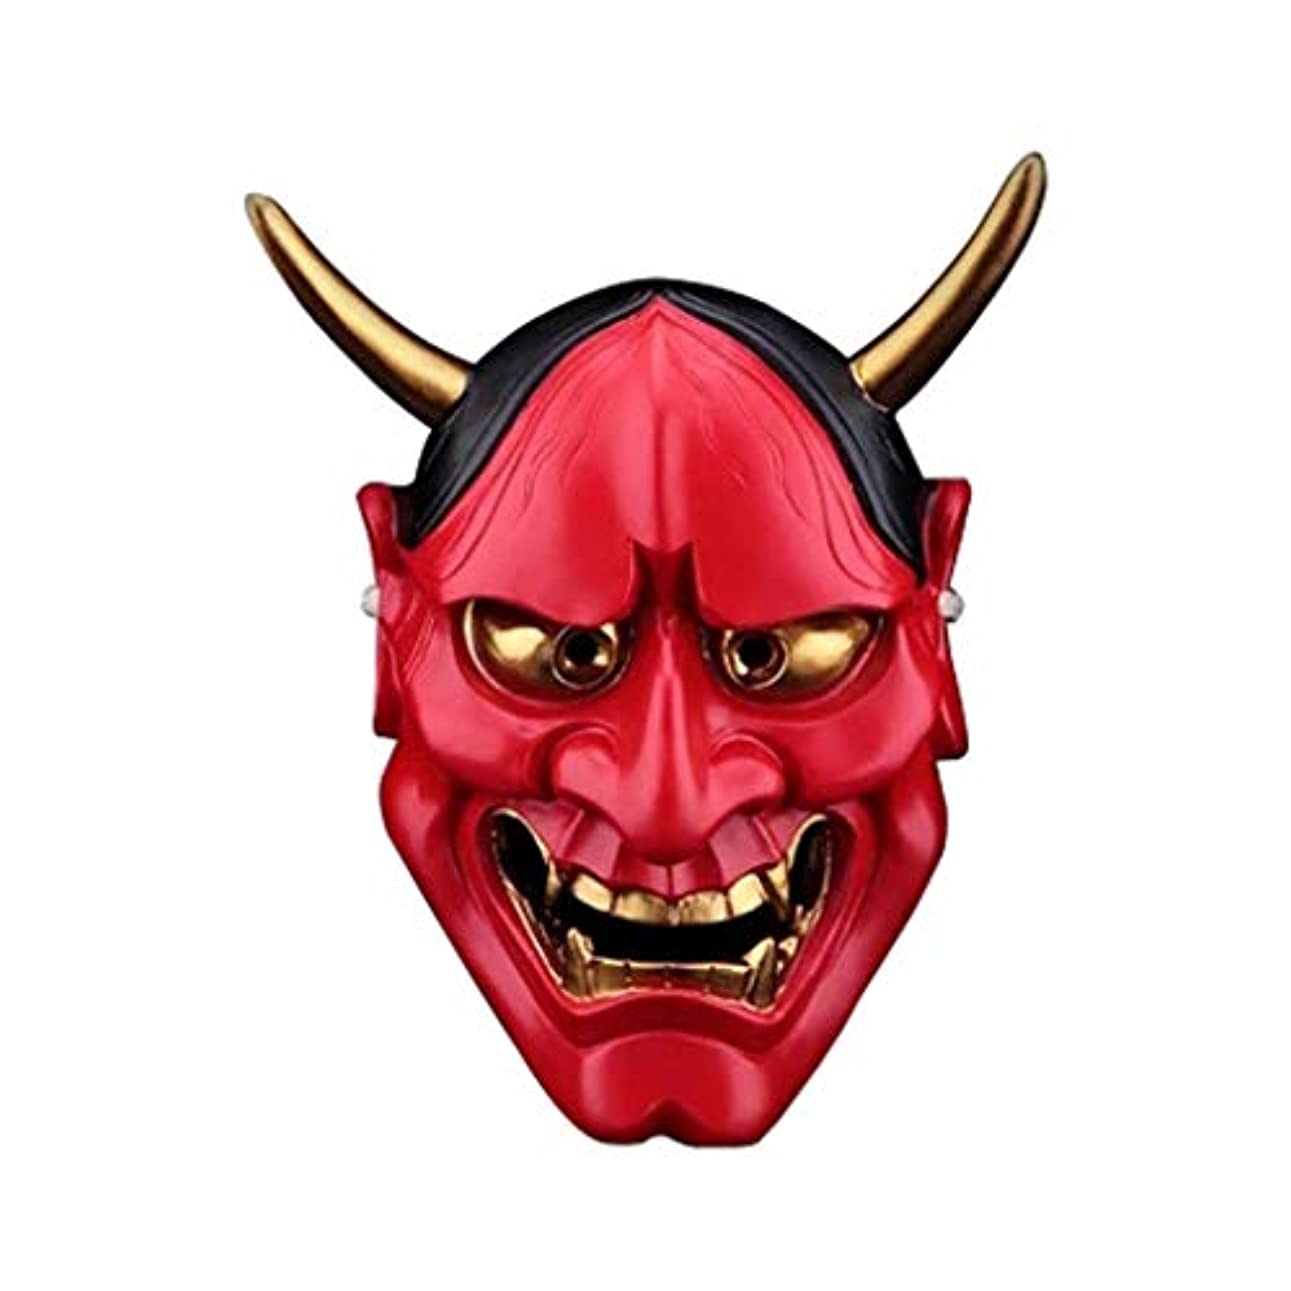 吐く延ばす小売ハロウィンホラーマスク、成人用樹脂マスクデコレーション (Color : RED)